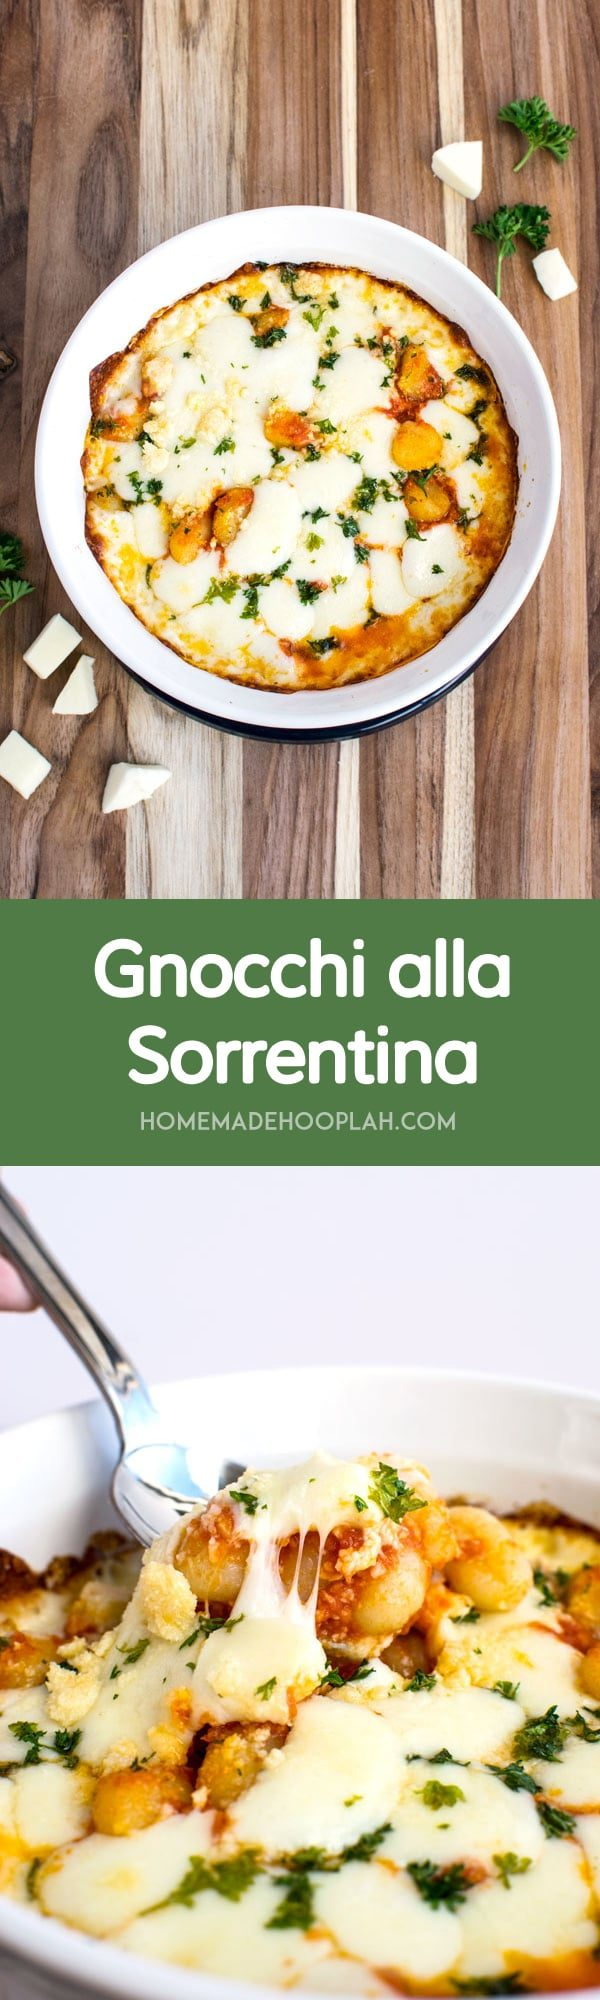 ... gnocchi covered in stringy mozzarella, tomato sauce, and light herbs